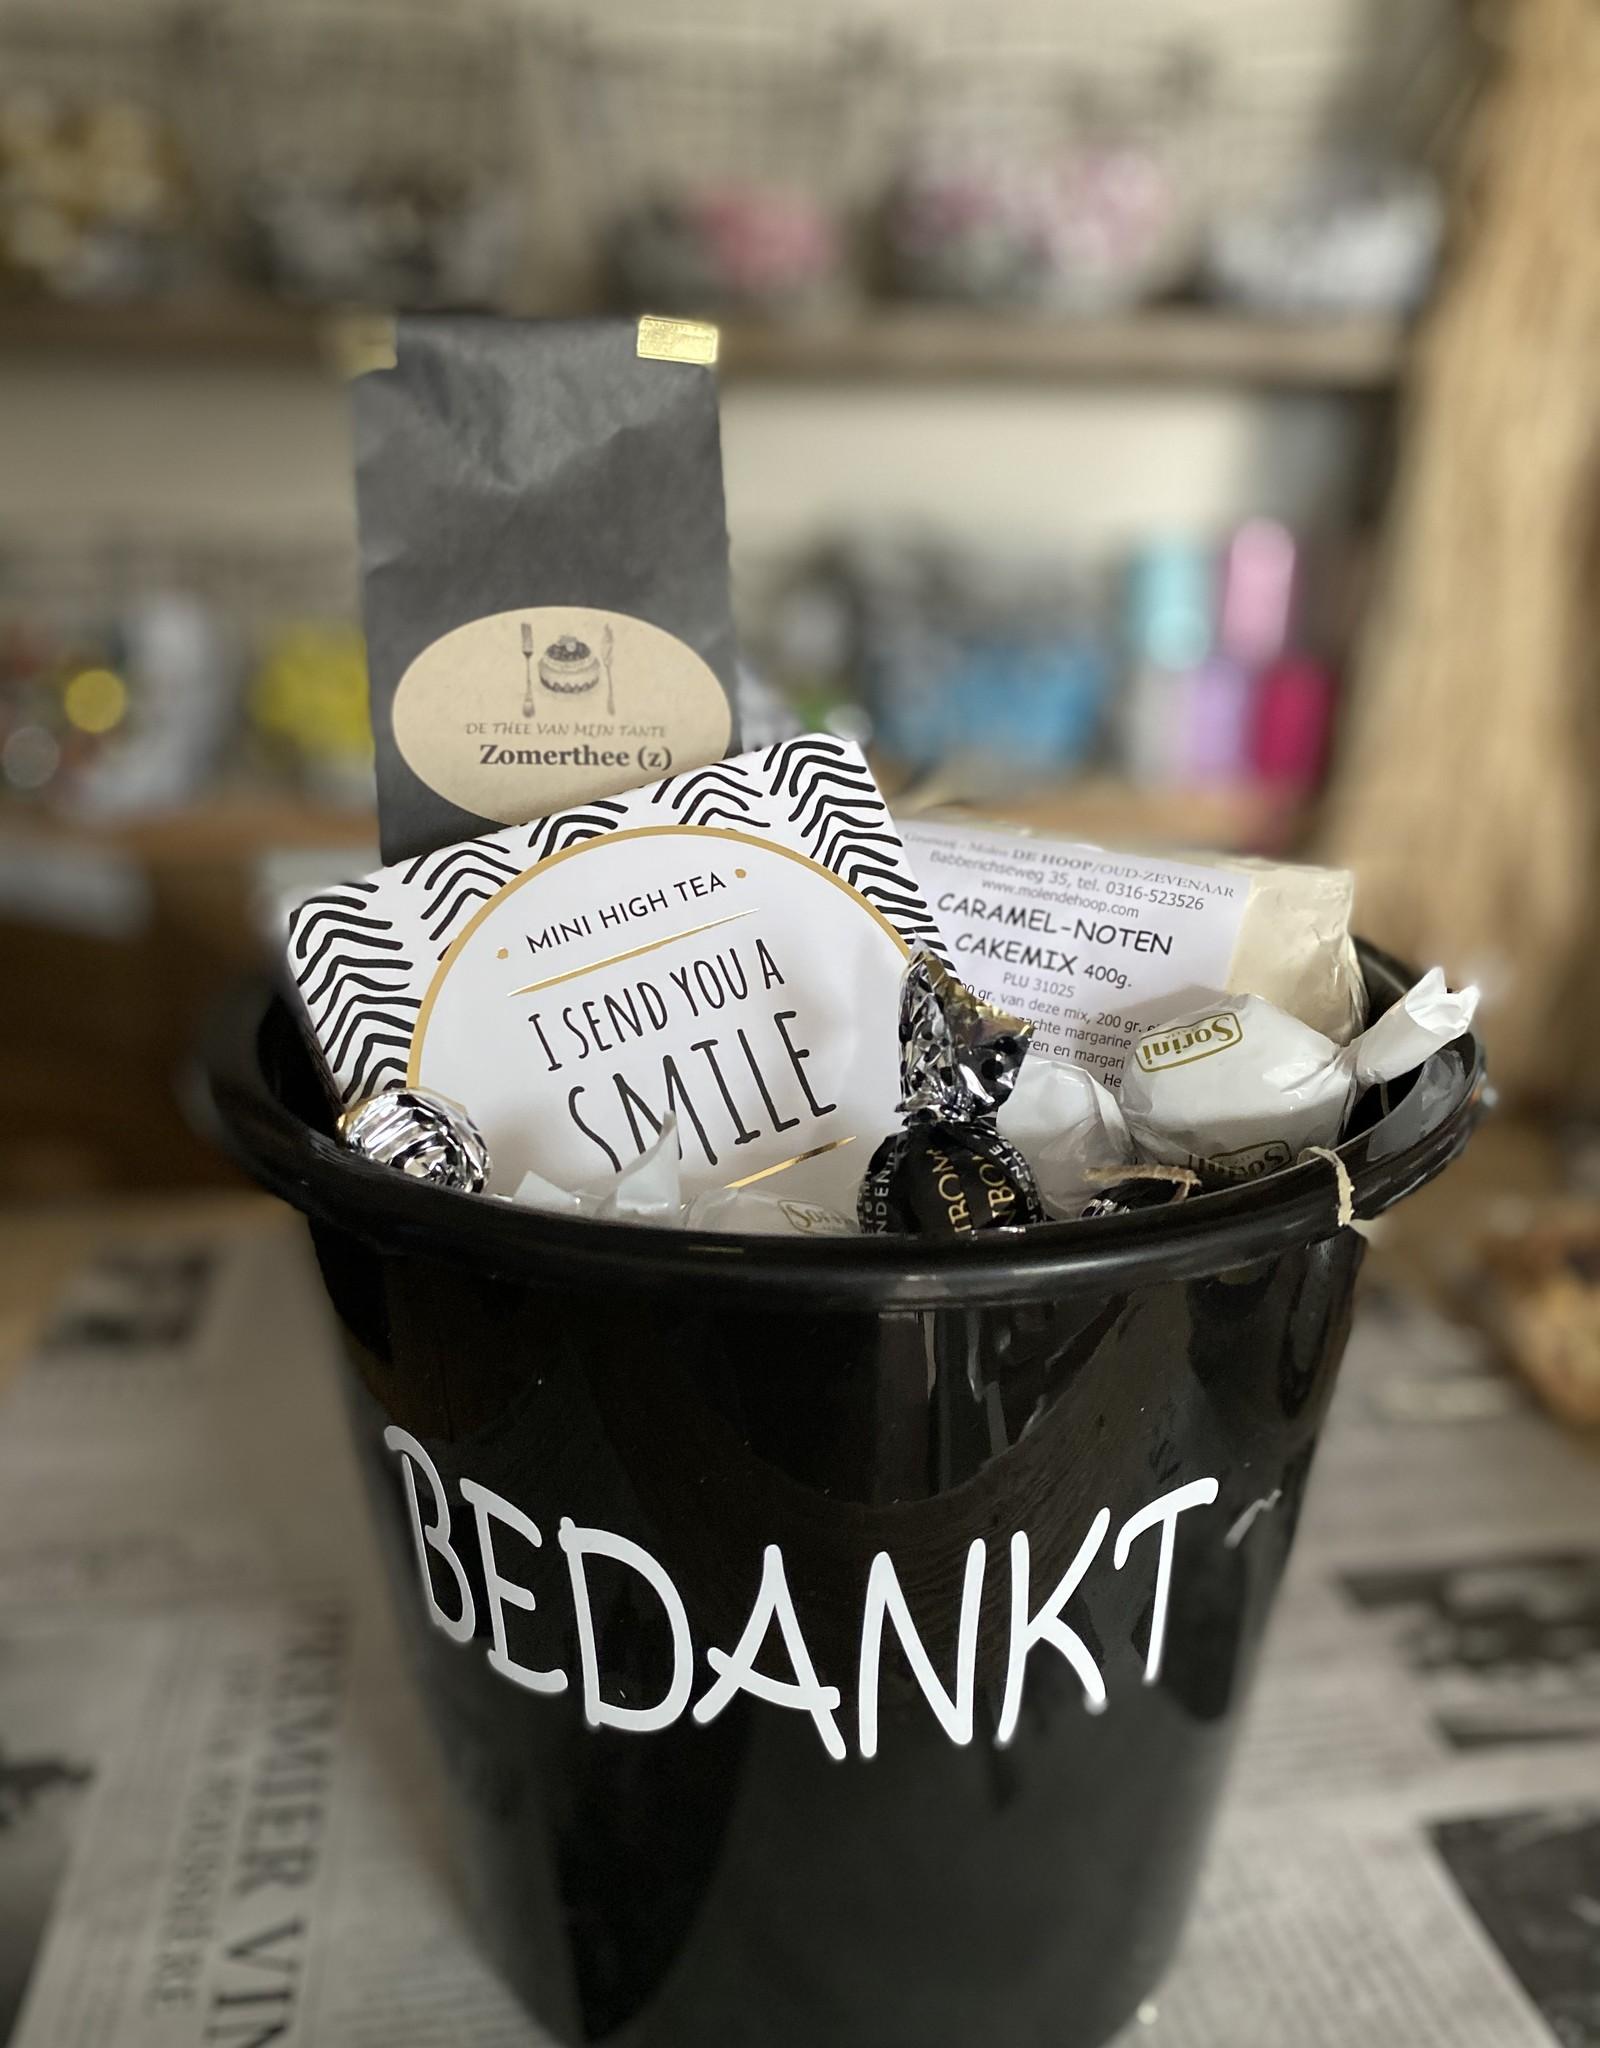 Bedankt pakket - Mini high tea met bakmix in emmer